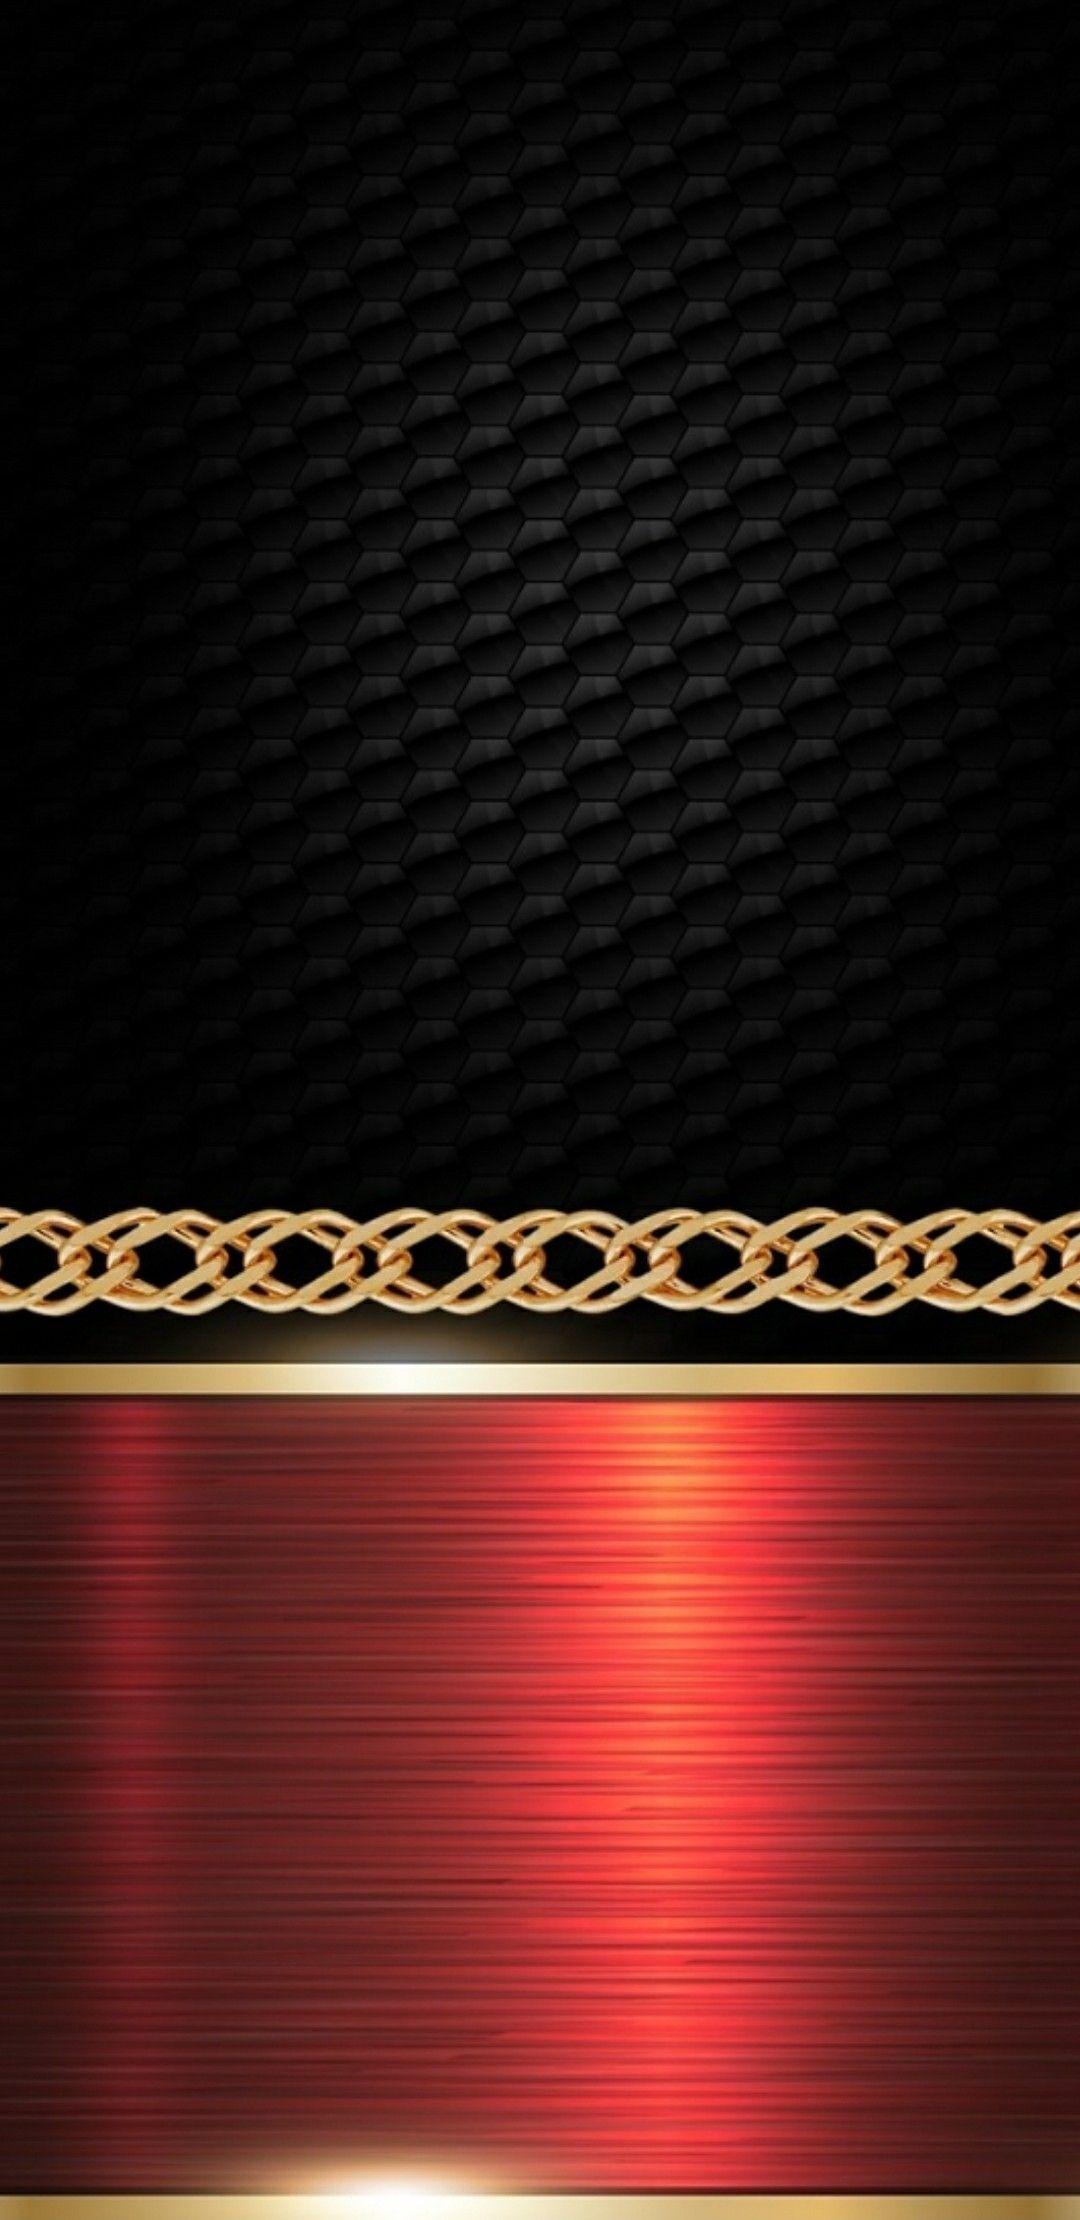 Pin by Lidia on TÅ'o czarne z czerwonym Background black with red